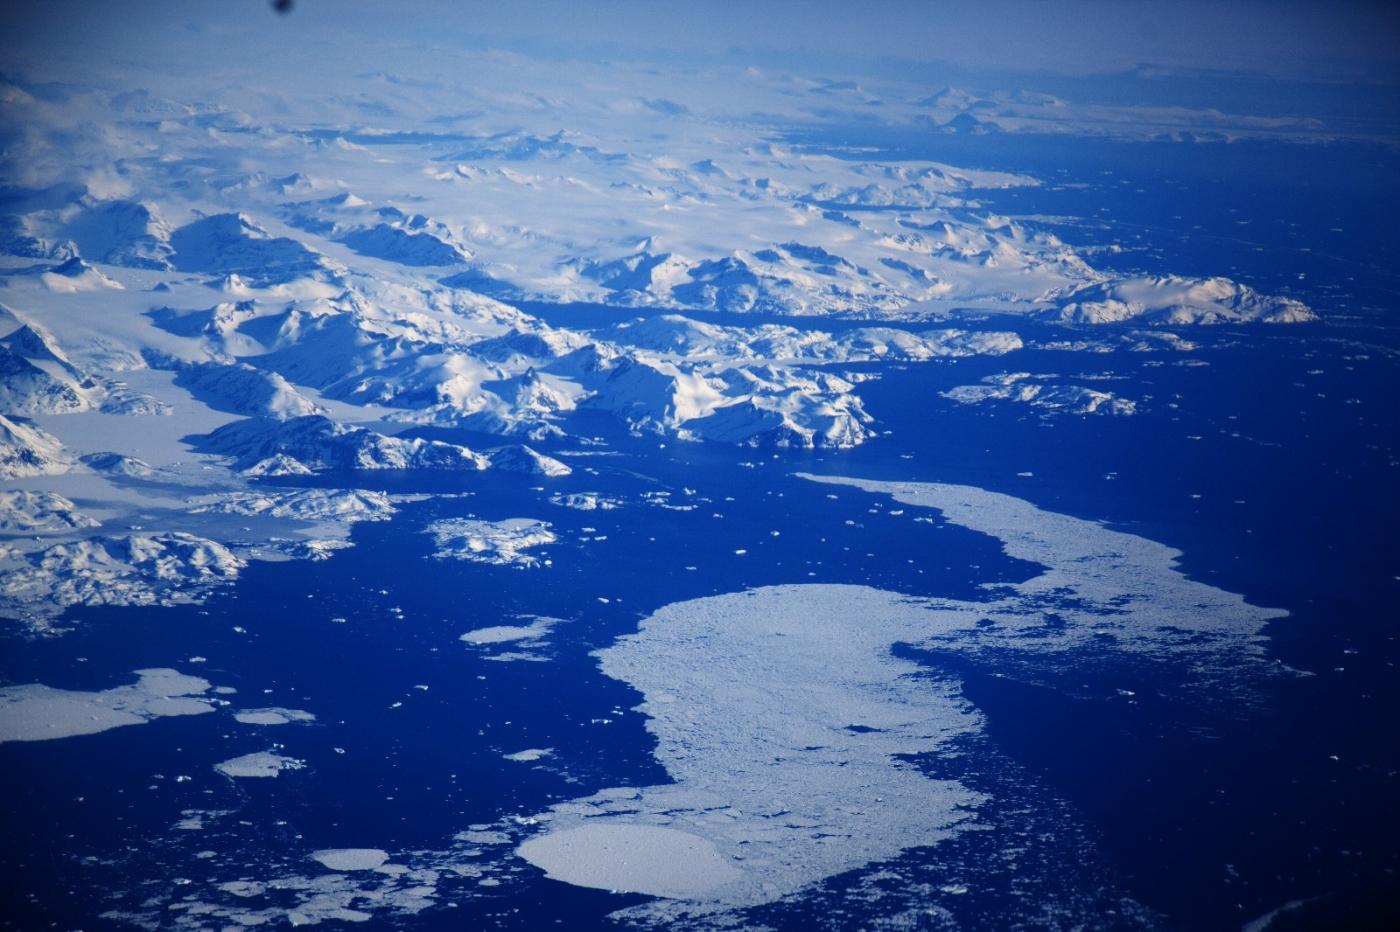 从纽约乘wow班机赴冰岛旅游,从班机的窗口看到:白云翻滚,赏心悦目,堪比黄山之云海 ..._图1-7